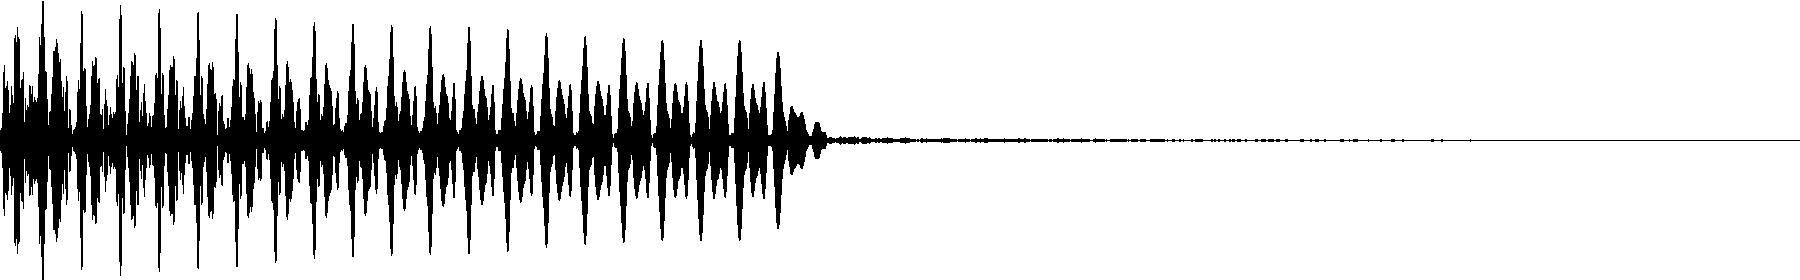 vedh bass cut 096 f